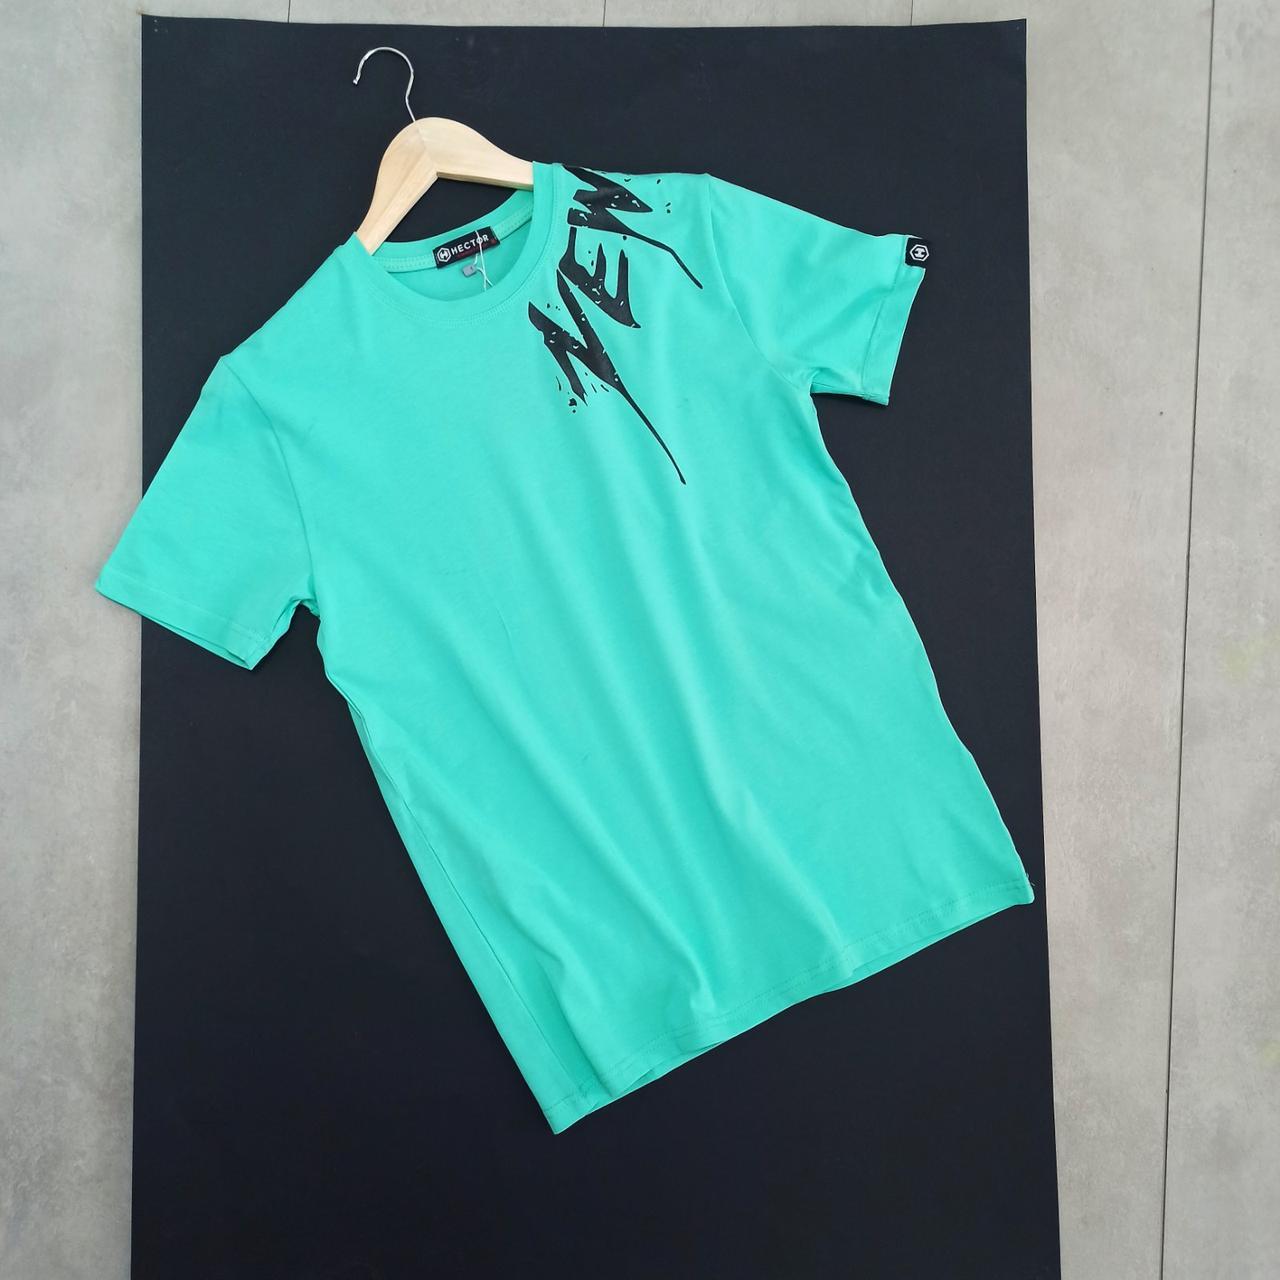 Мужская яркая футболка с логотопом NEW